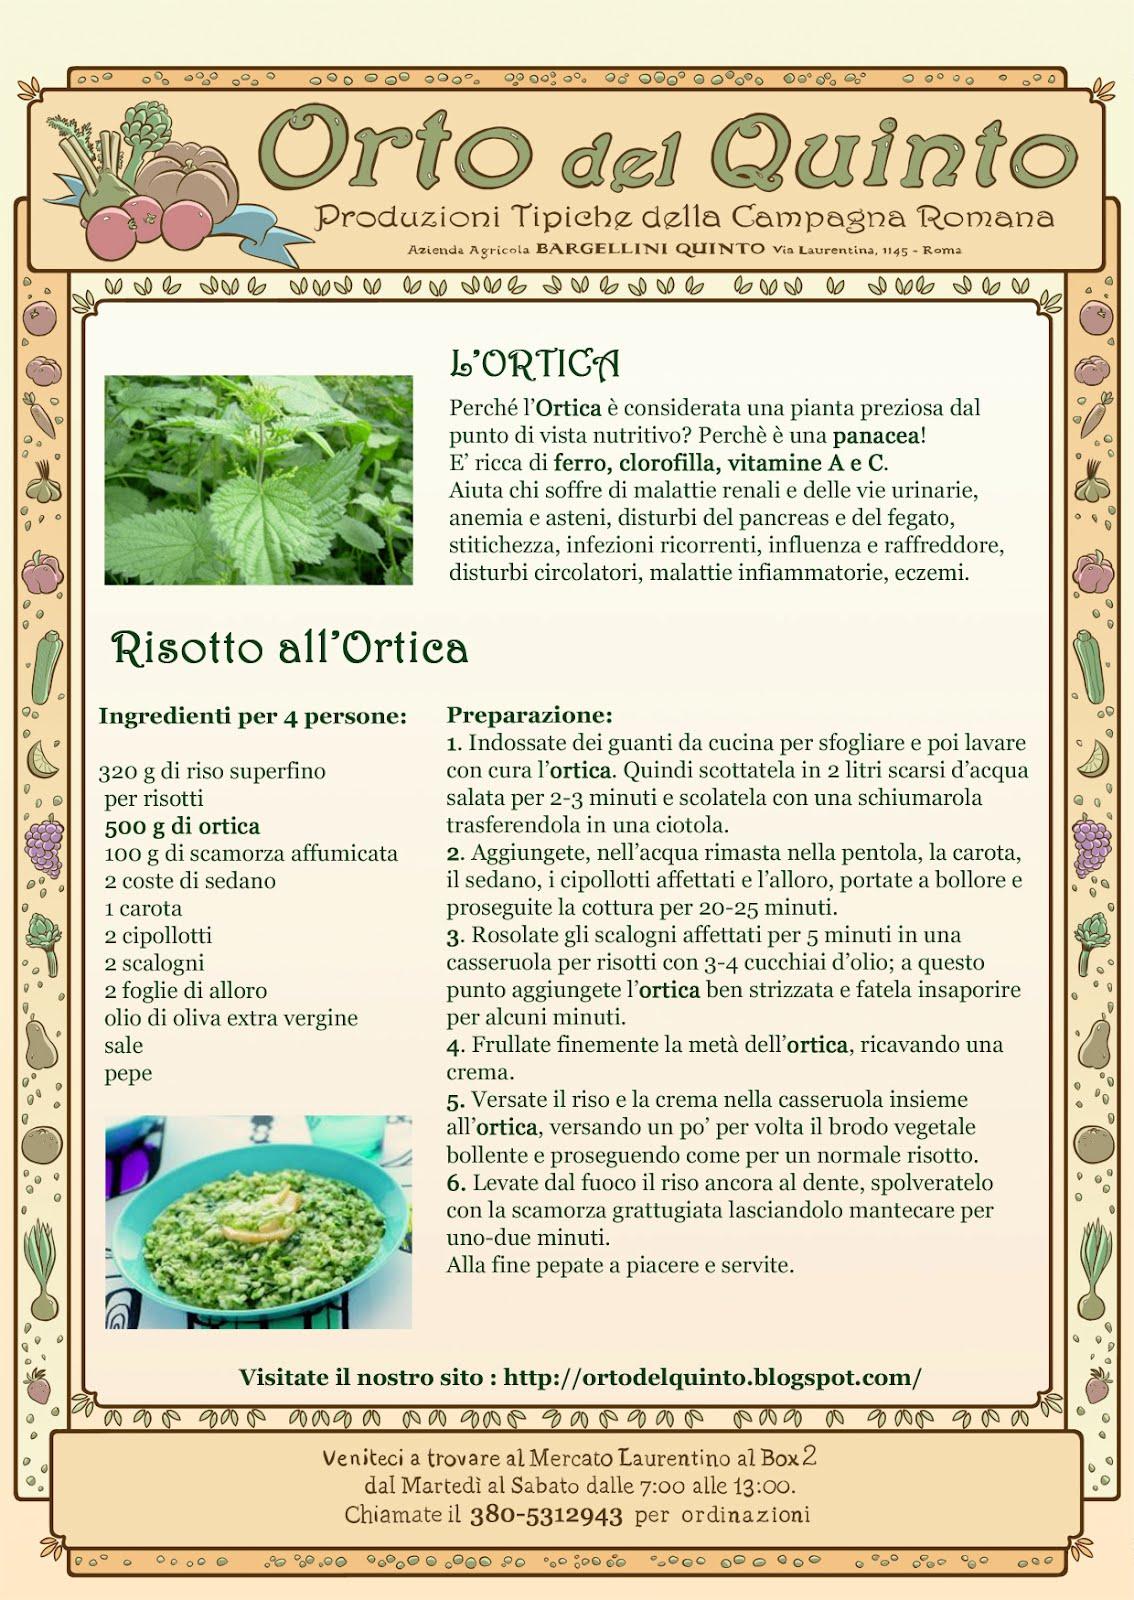 Orto del quinto cucinare l 39 ortica for Cucinare ortica